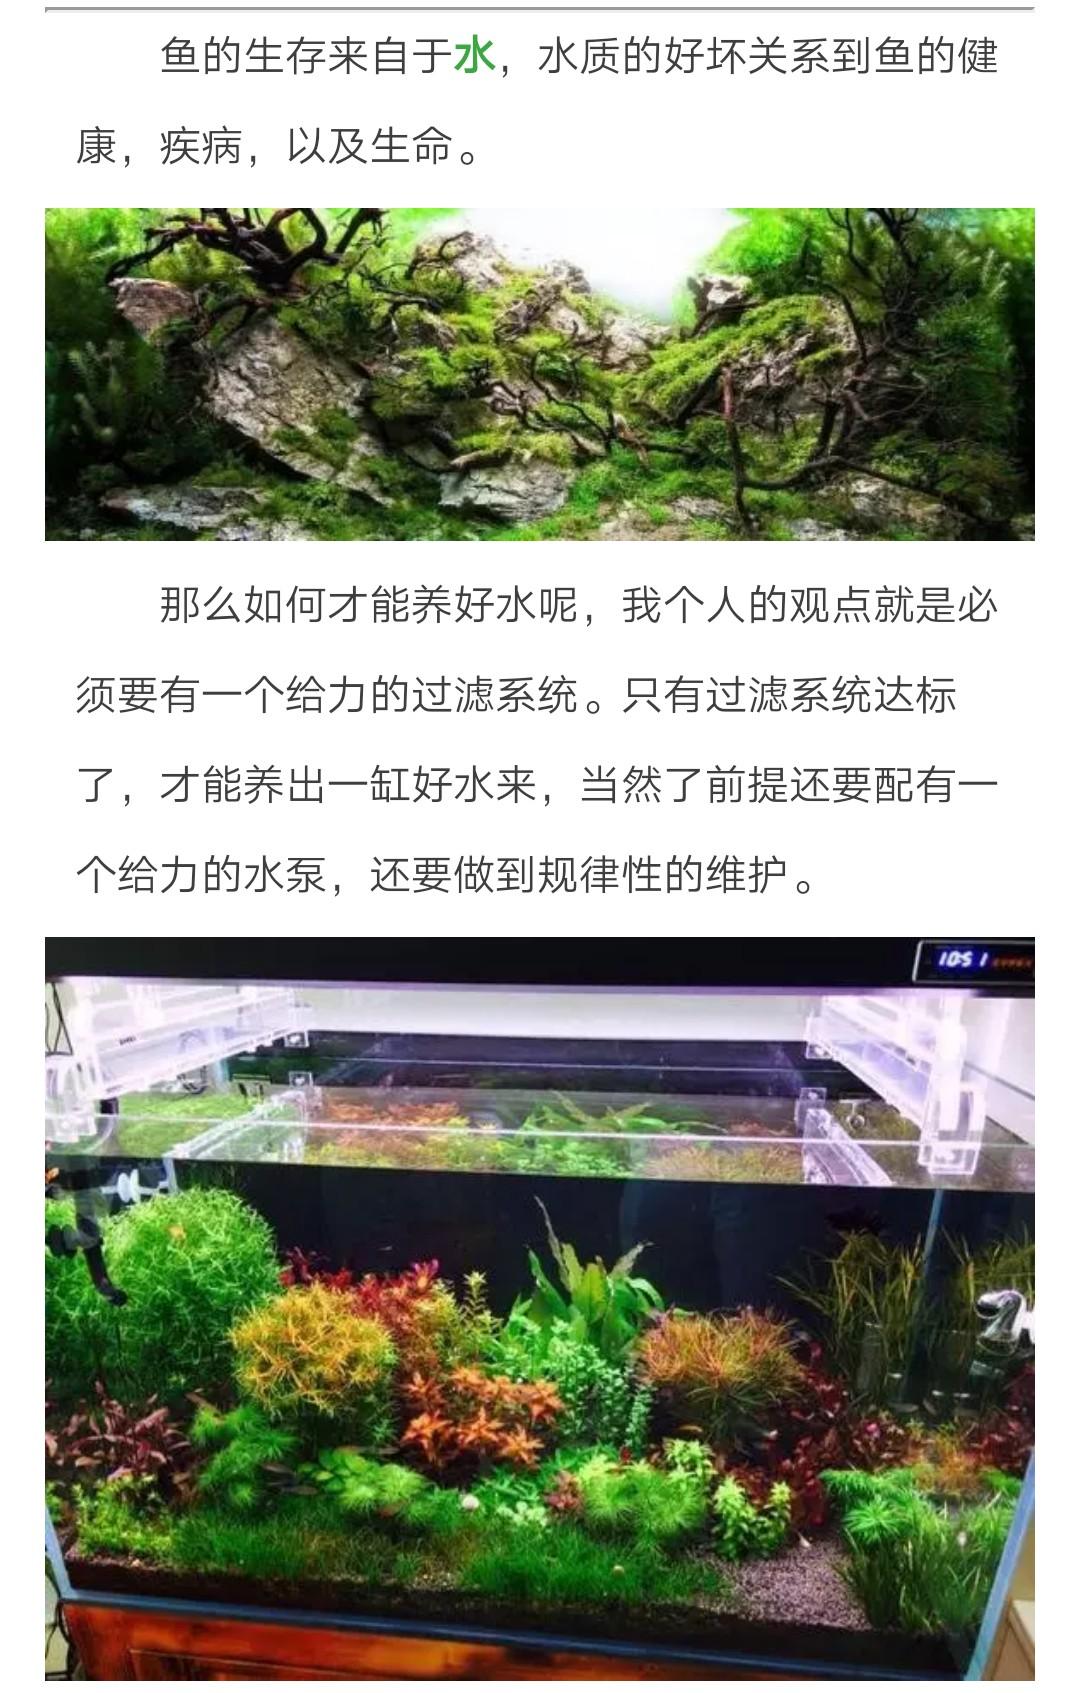 怎样稳定维护好水草缸水质(1)